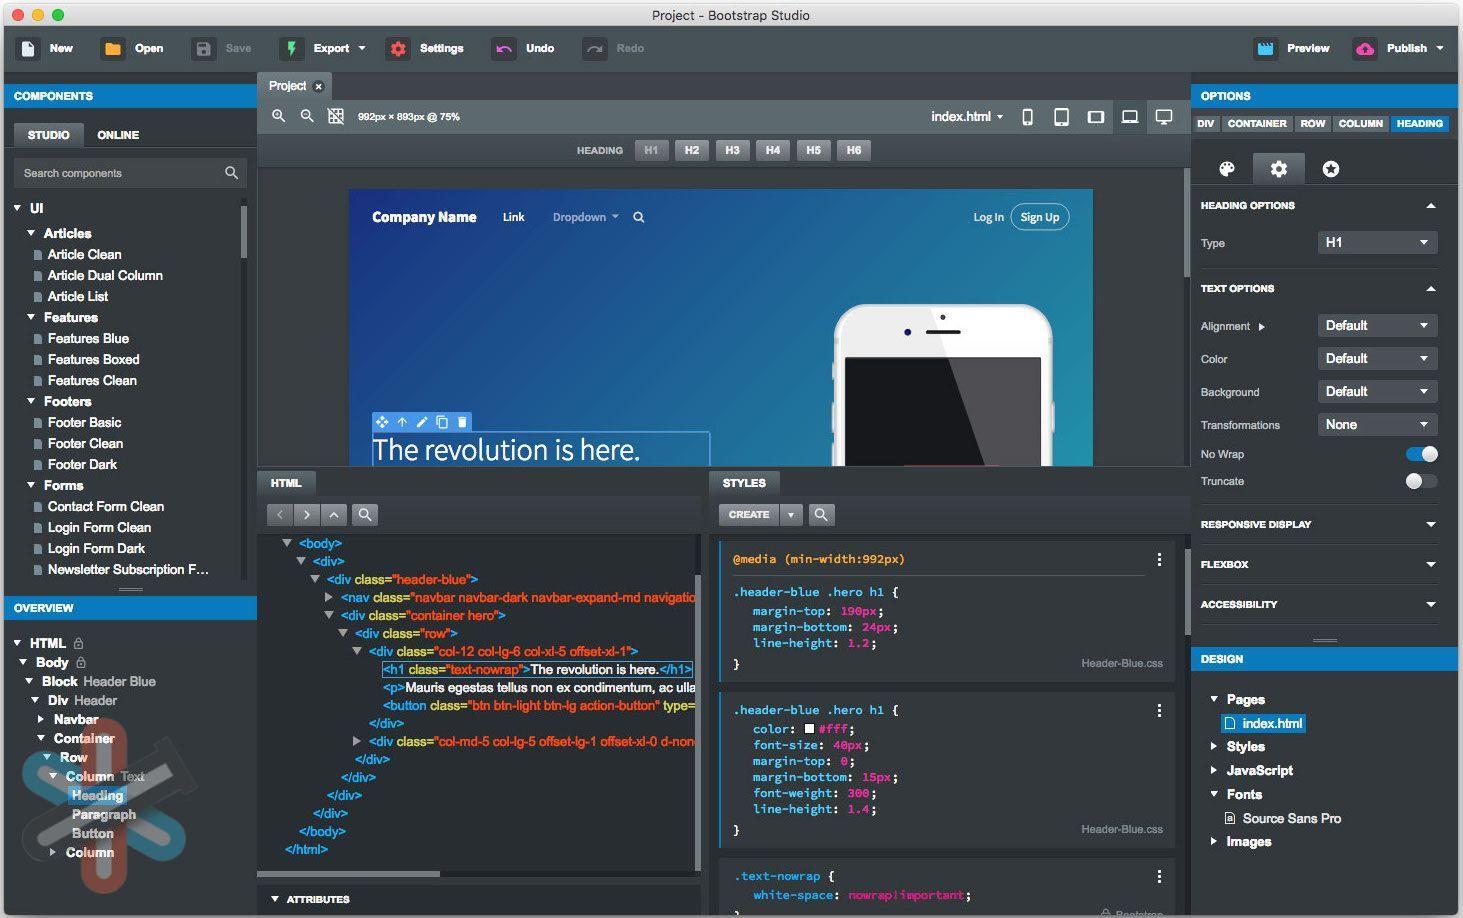 دانلود نرم افزار Bootstrap Studio 5.4.0 Pro – طراحی سایت ریسپانسیو